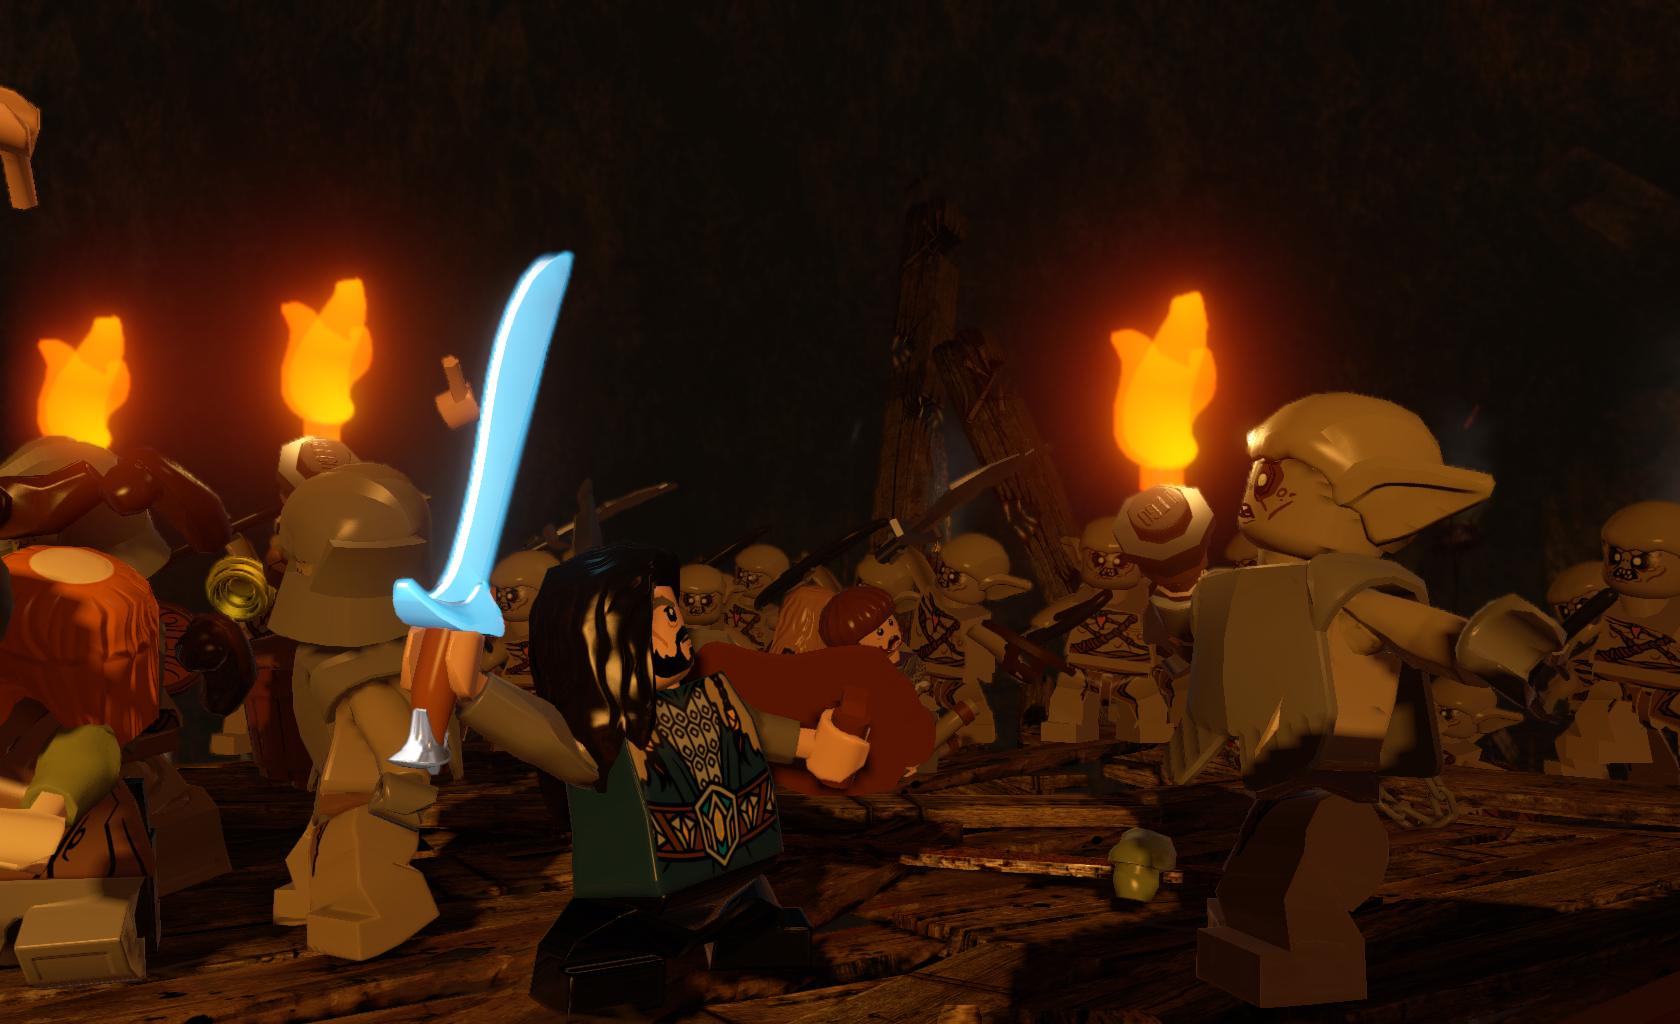 Lego The Hobbit desktop wallpaper 38 of 63 Video Game Wallpapers 1680x1024